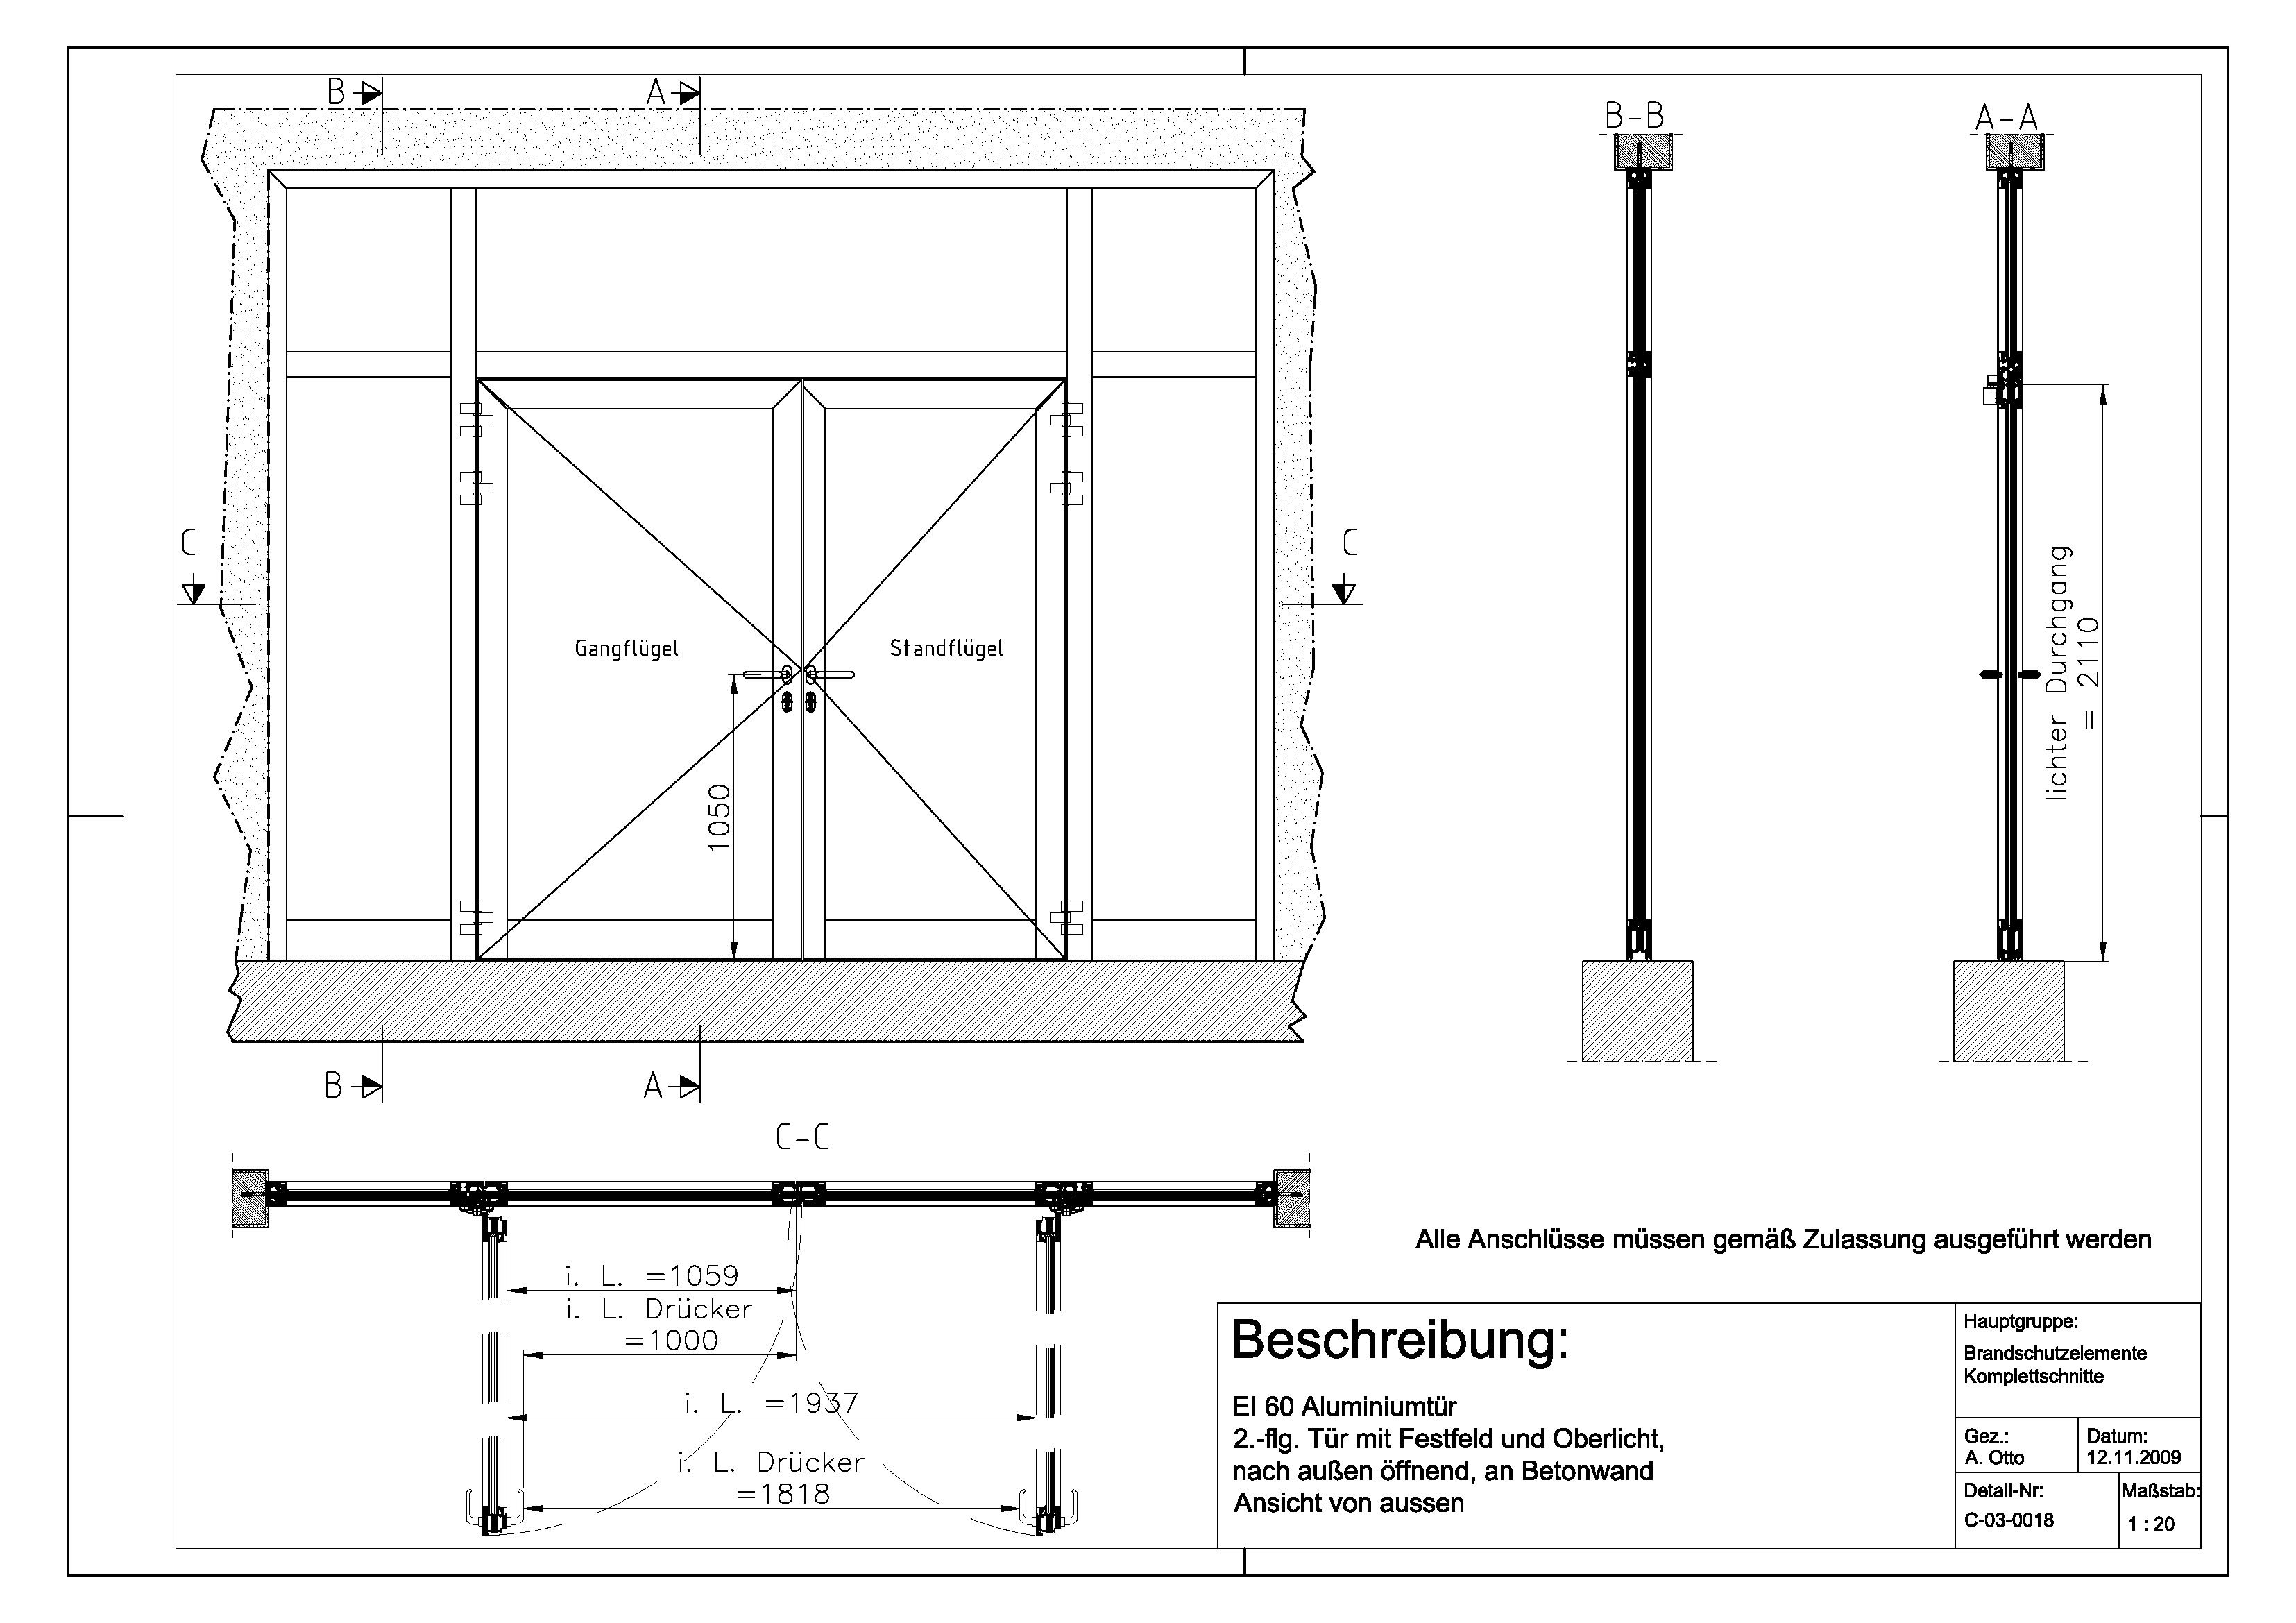 Eingangstür detail schnitt  C-03-0018 EI 60-Aluminiumtür, 2.-flg. Tür mit Festfeld und ...